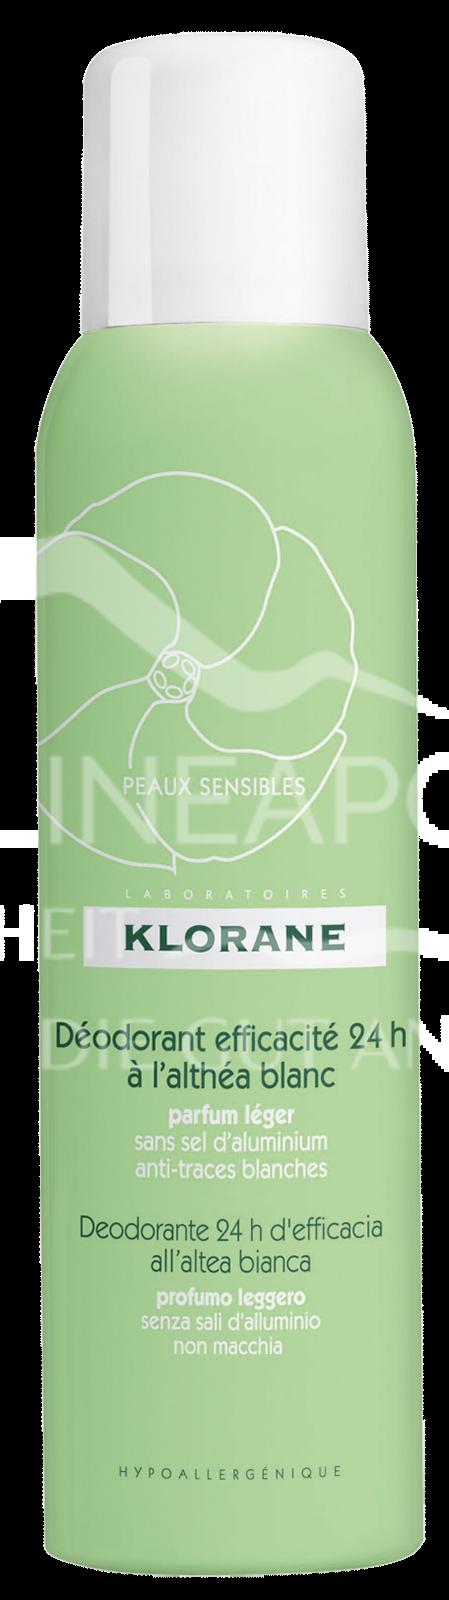 Klorane Deodorant Spray 24h mit Weißer Malve